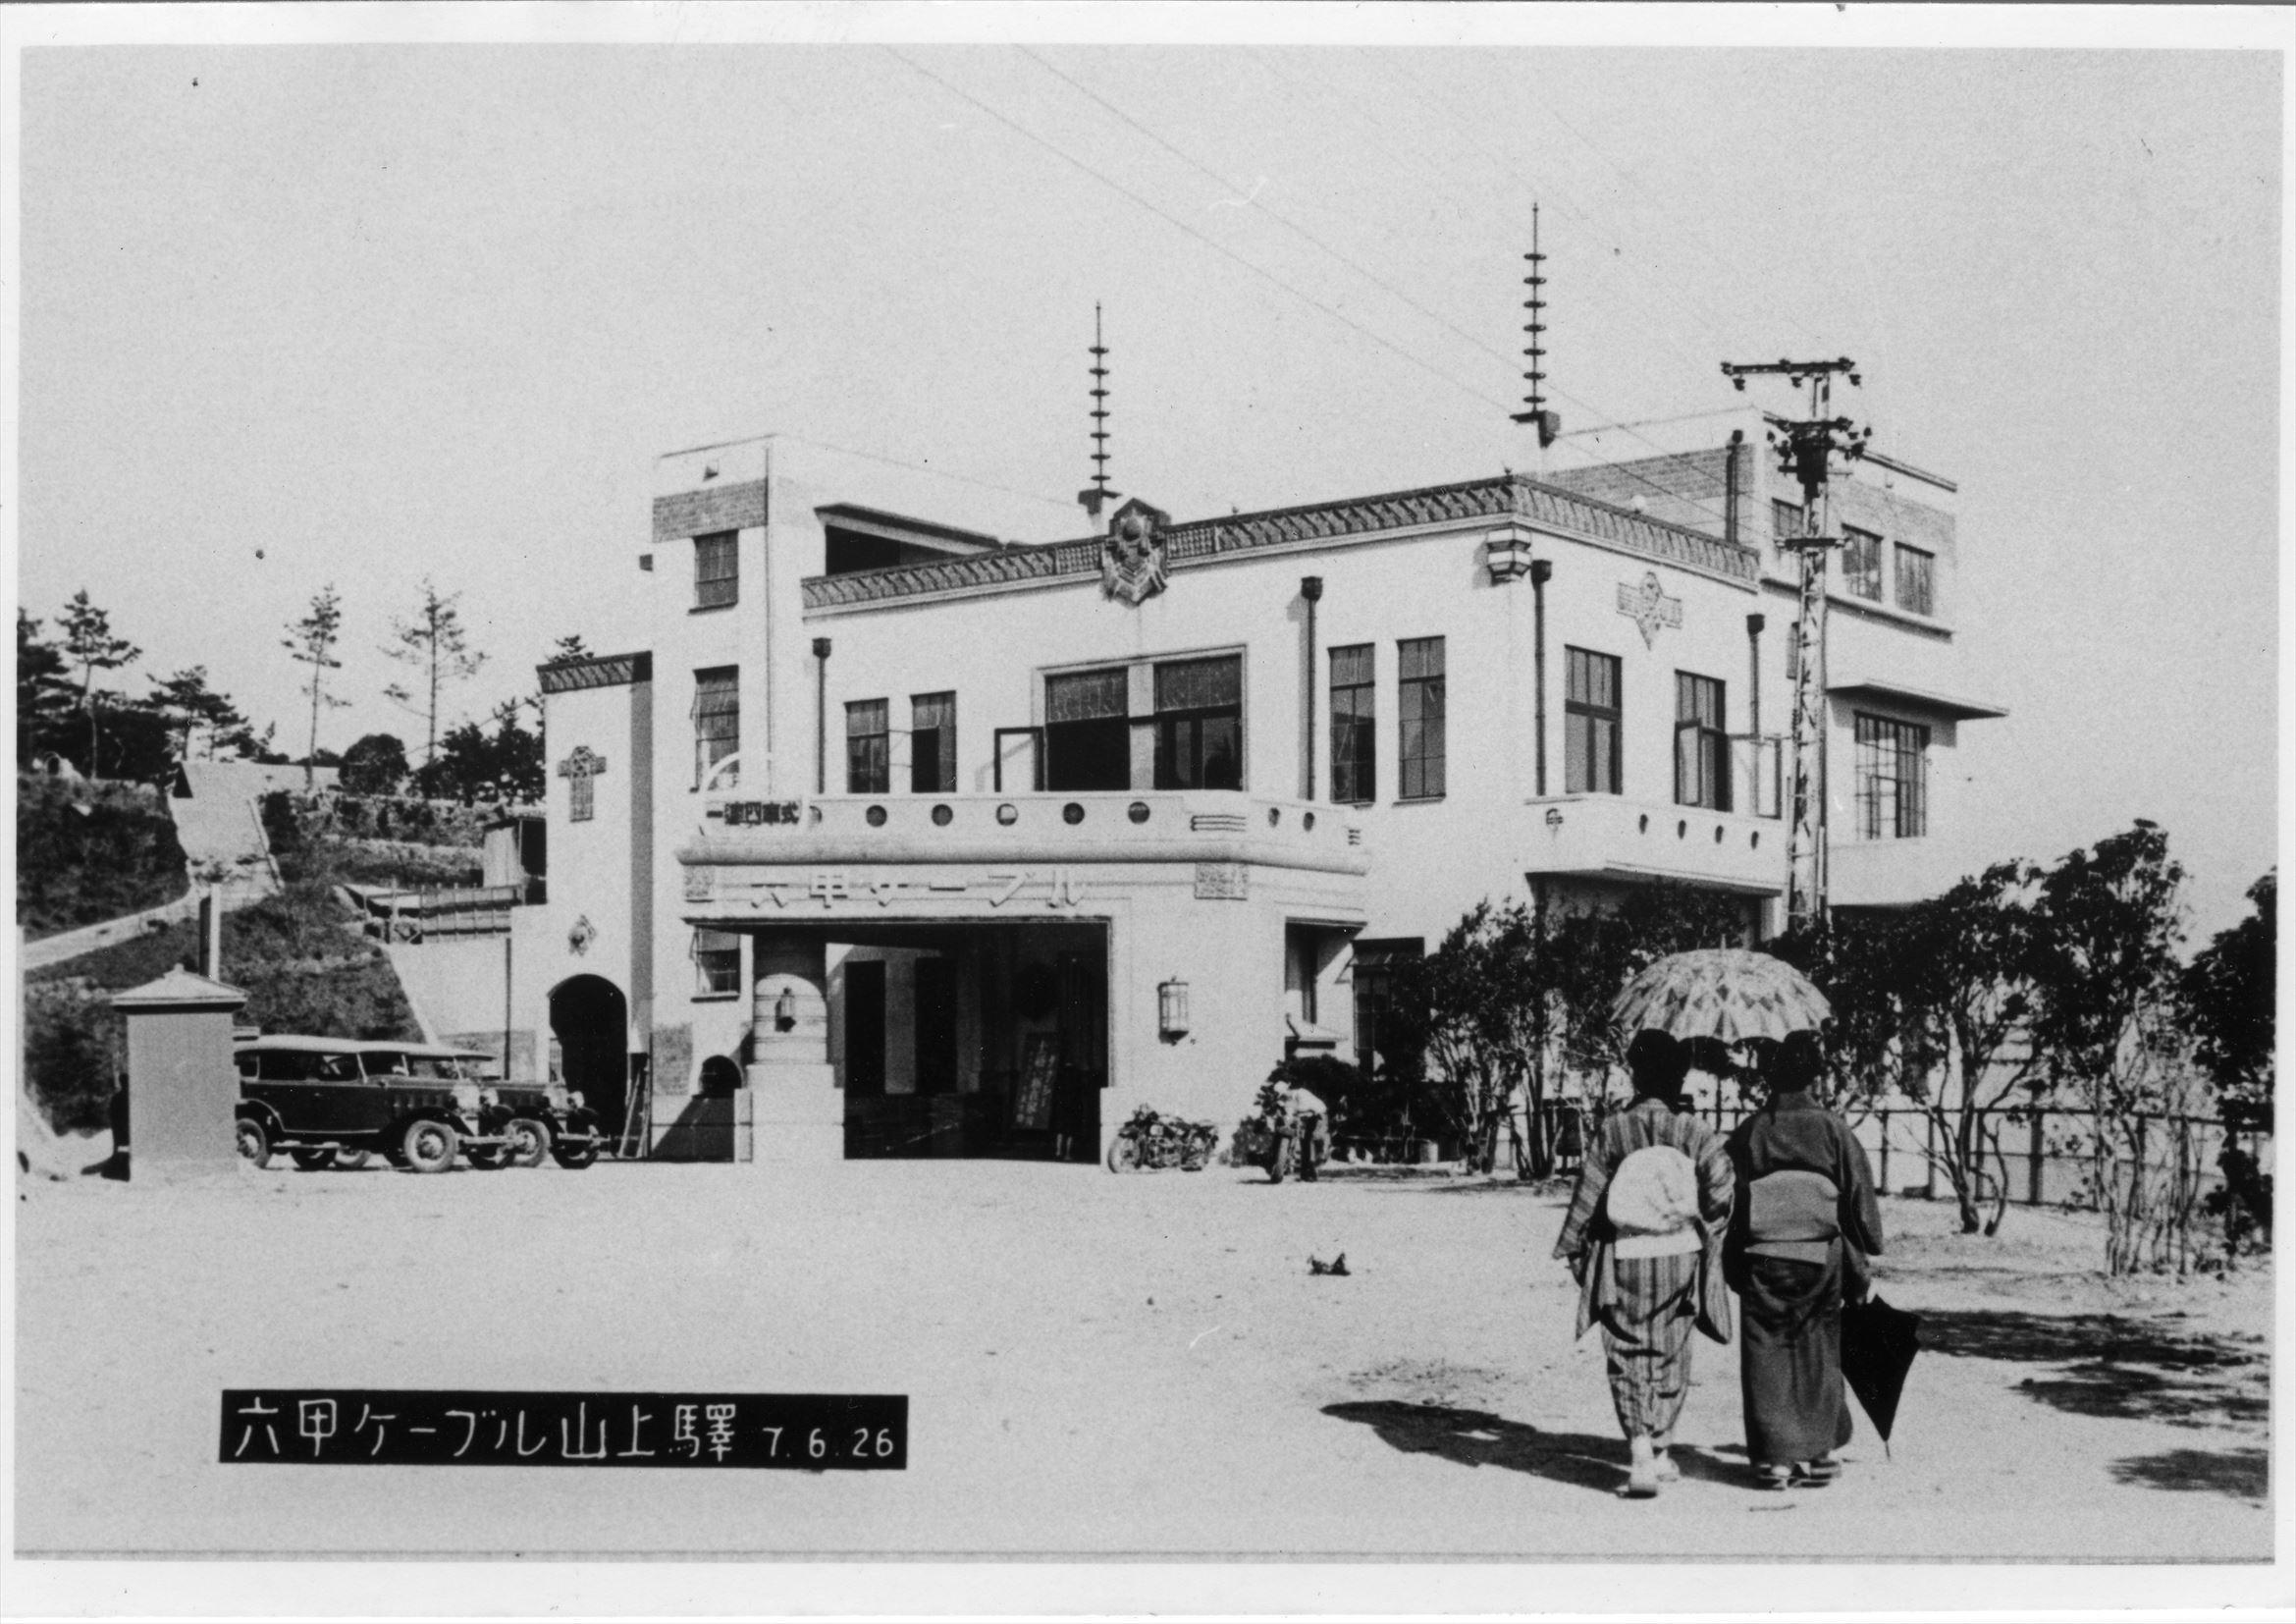 昭和初期の六甲ケーブル山上駅